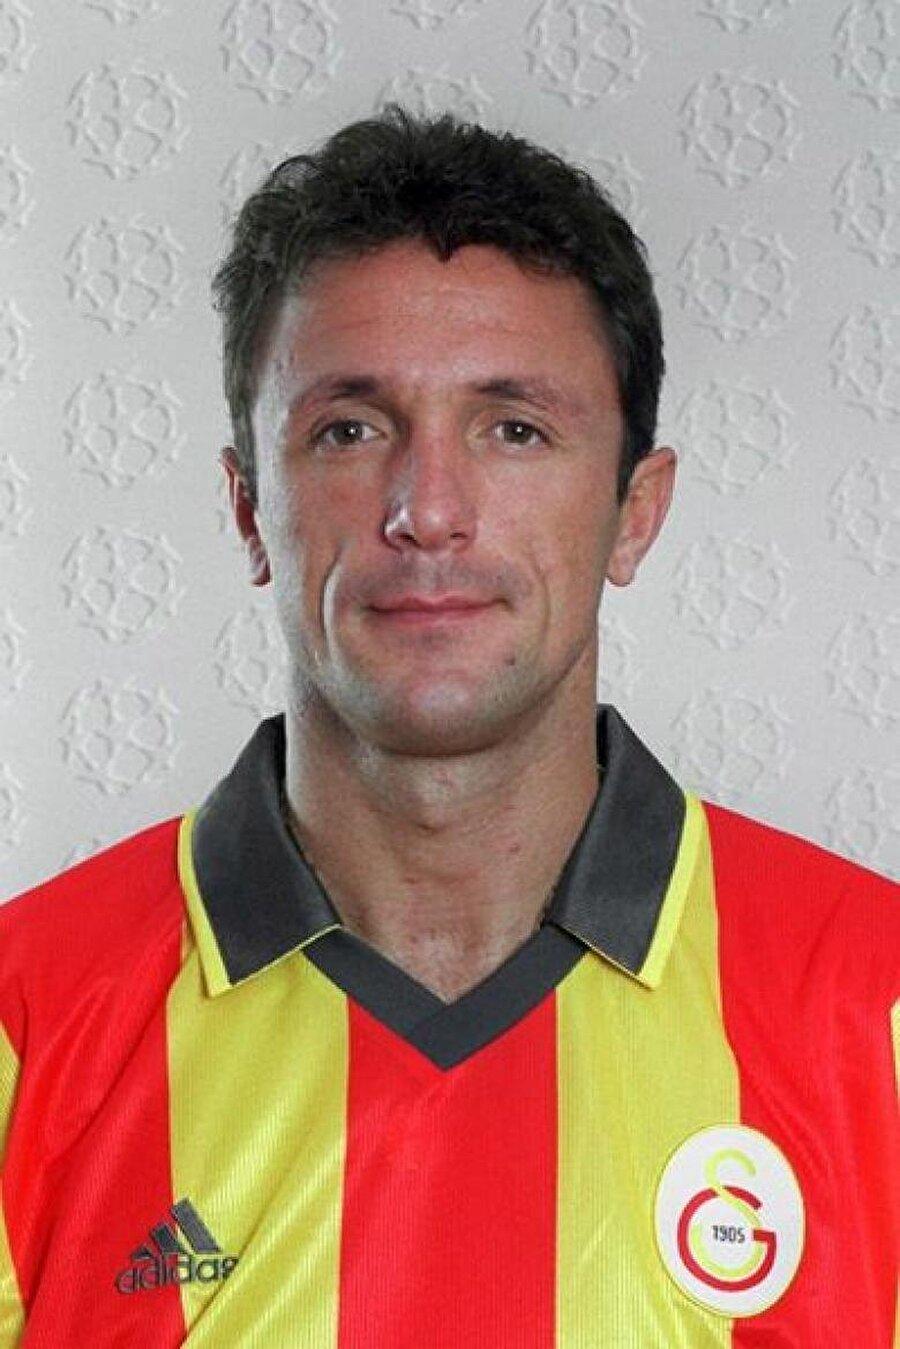 Gheorghe Popescu Rumen futbolcu sırasıyla PSV Eindhoven, Tottenham Hotspur ve Barcelona'da forma giydikten sonra Galatasaray'a imza attı. 1997-2001 yılları arasında Cim-Bom'un başarısı için mücadele eden Popescu 125 maça çıktı. Başarılı stoper sarı-kırmızılı forma altında 3 gol atıp 4 asist yaptı.